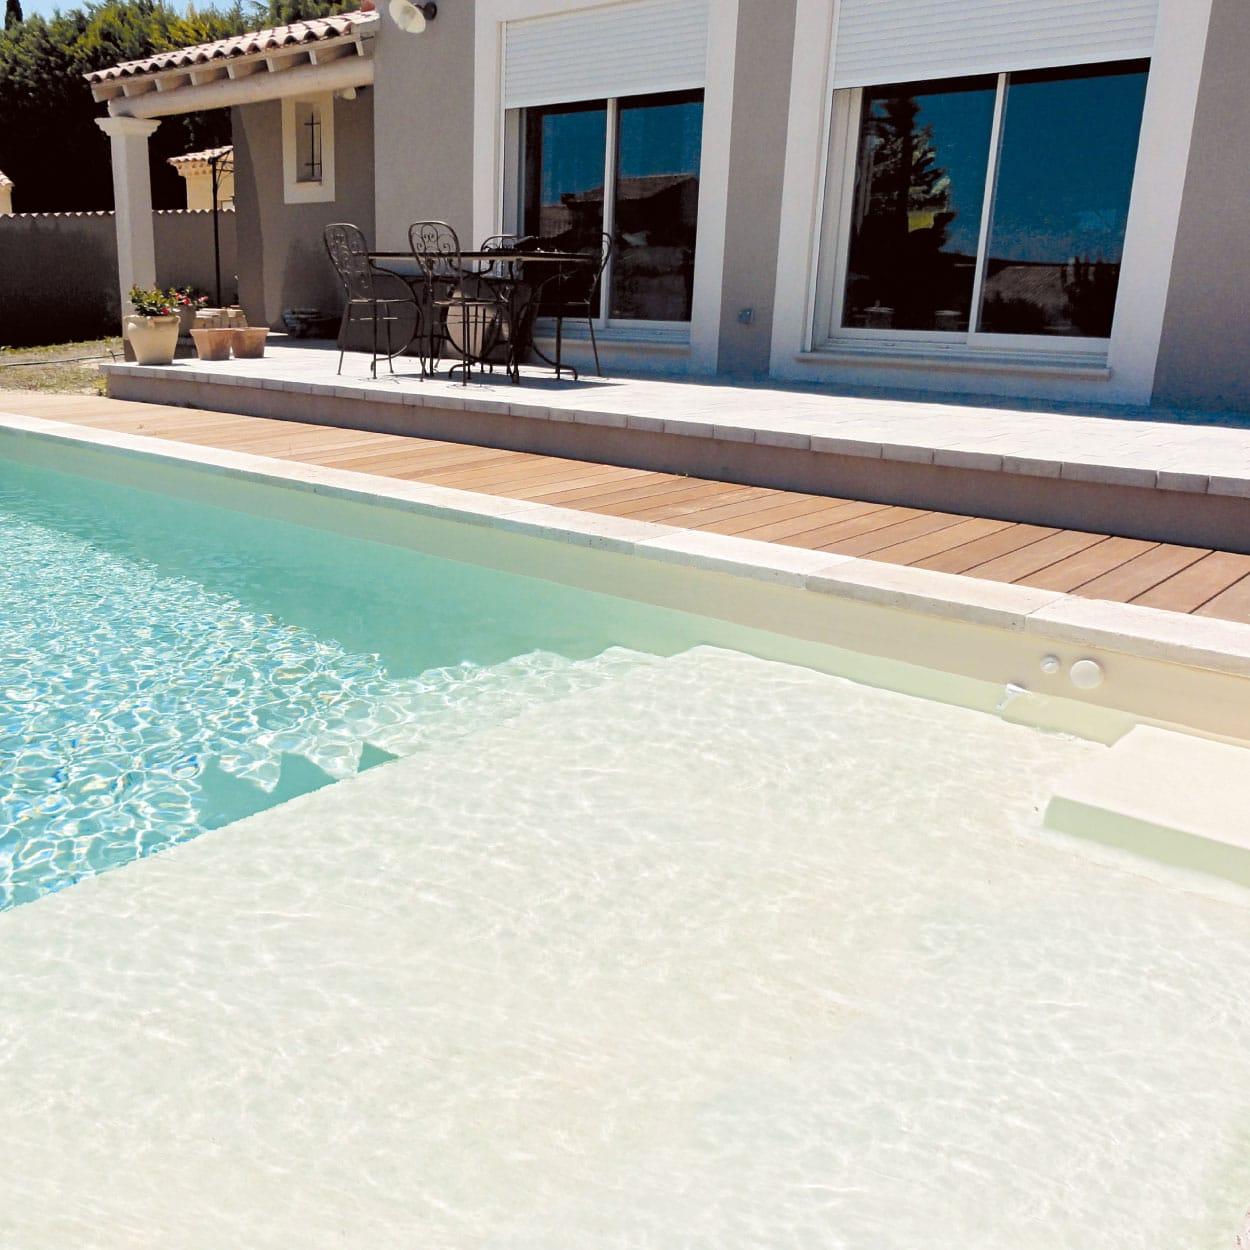 piscine coque  u00e0 fond plat  mod u00e8le prado plage